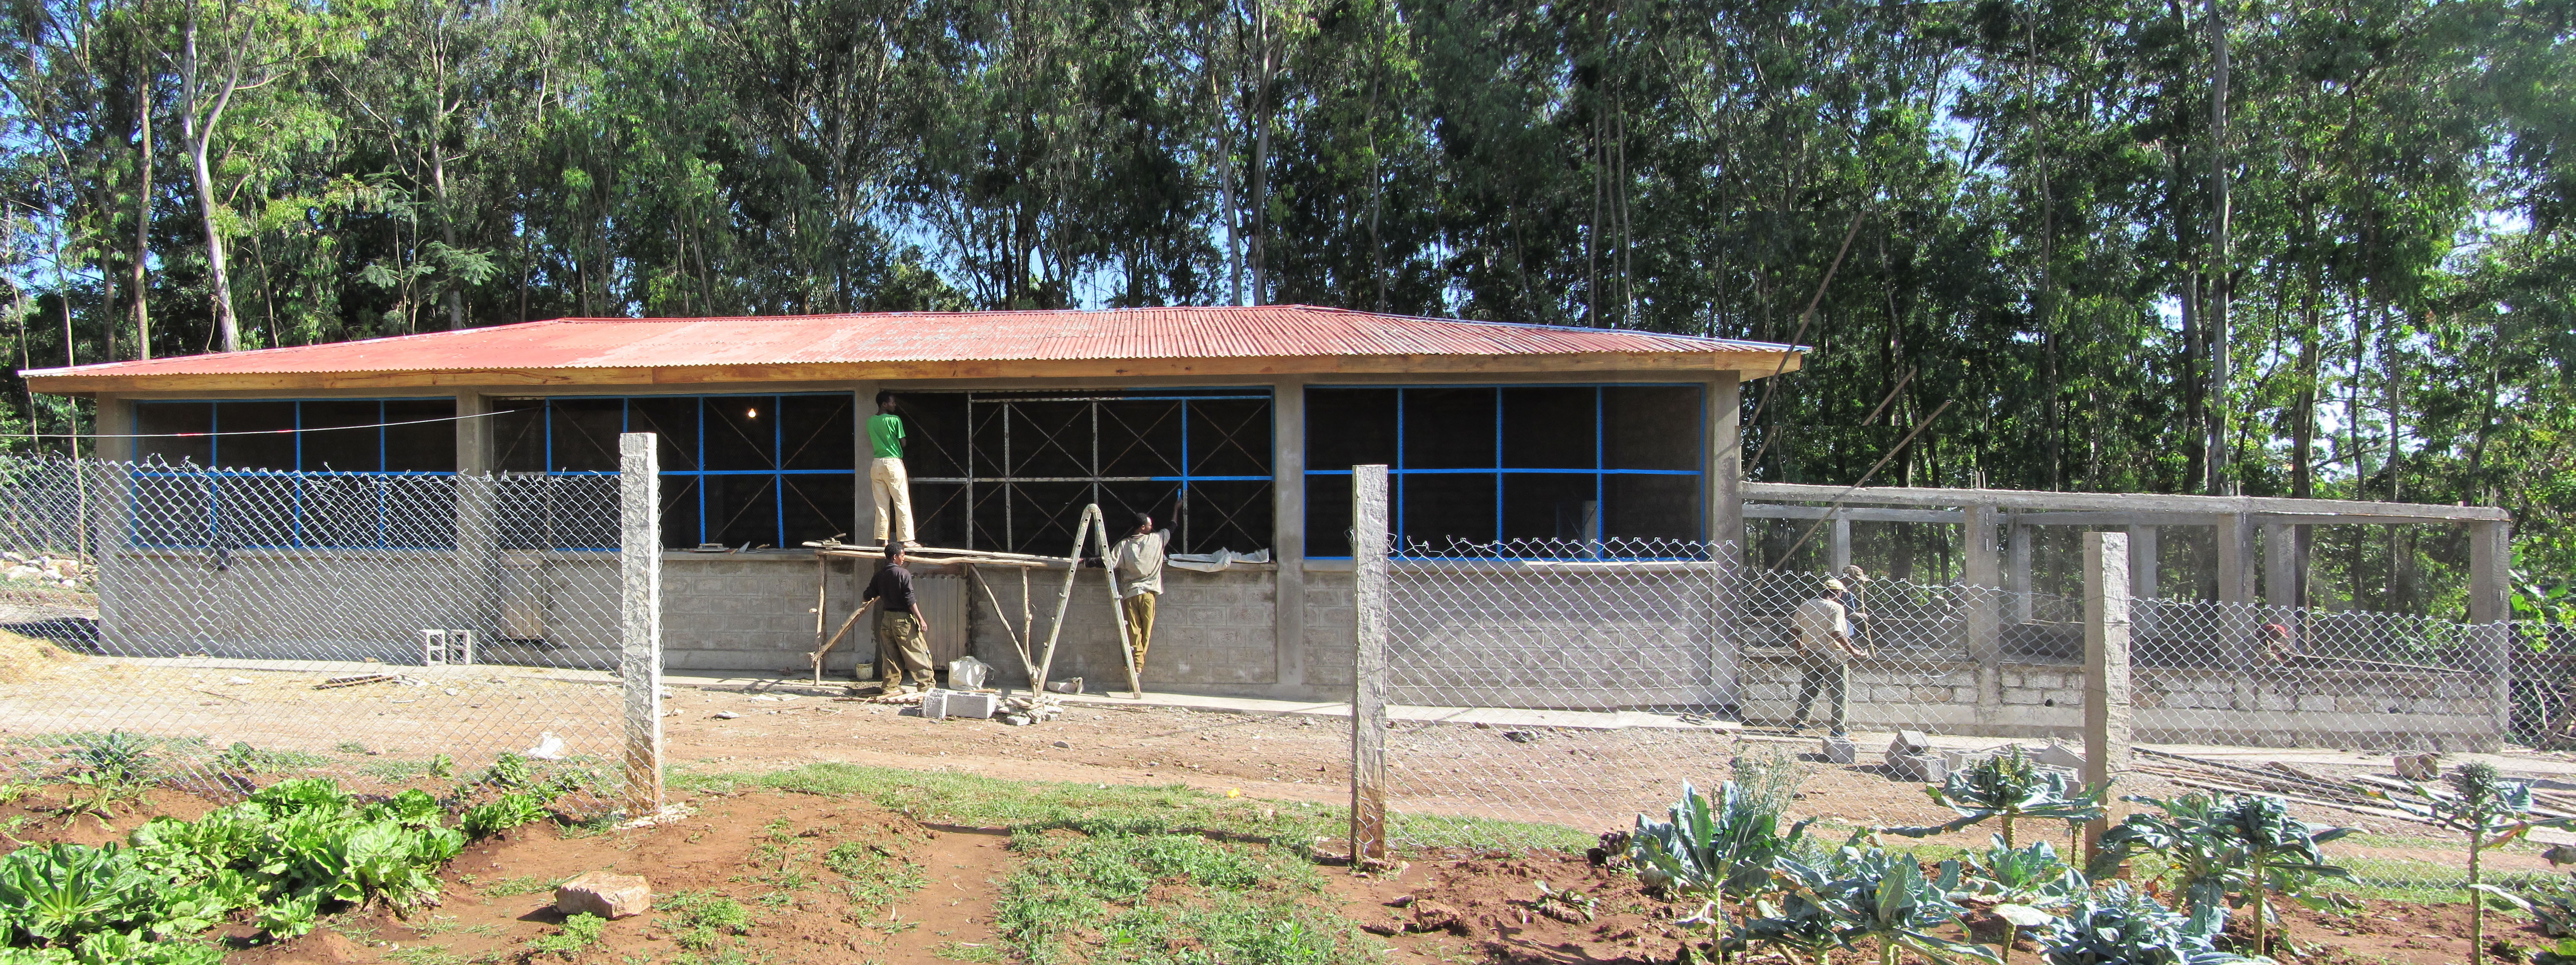 Crear sonrisas ong construccin de gallinero 2012 - Gallineros de obra ...